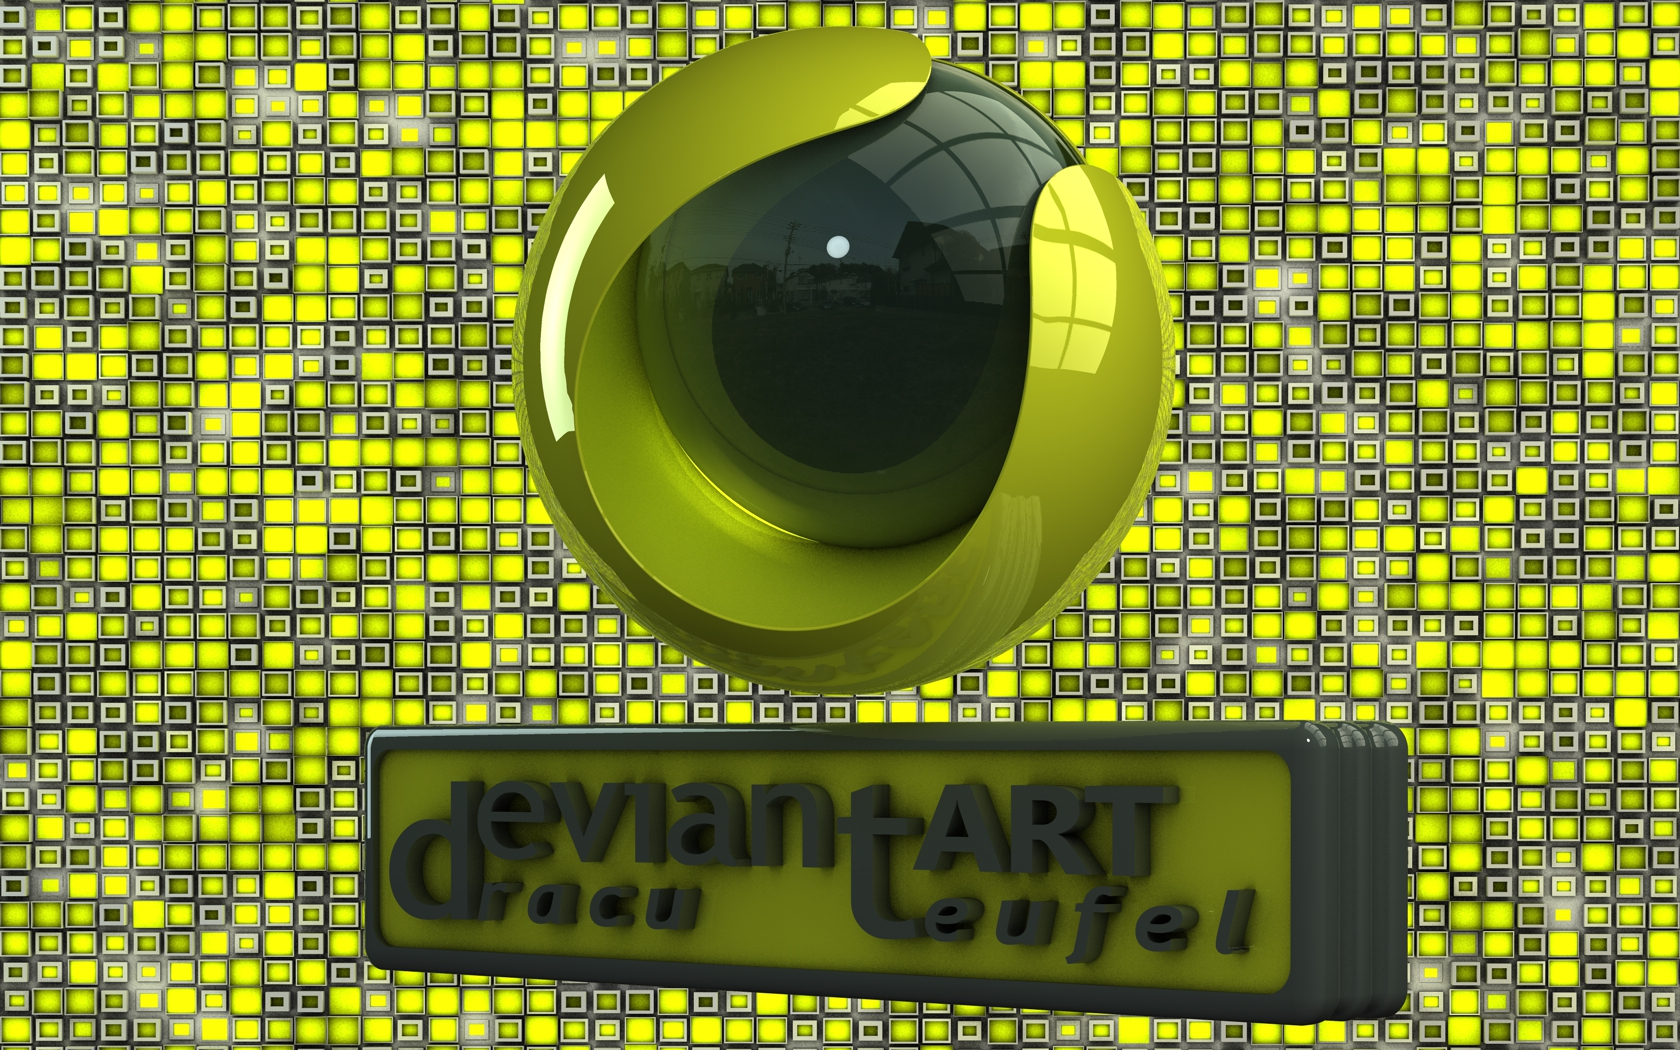 Dracu-Teufel666's Profile Picture